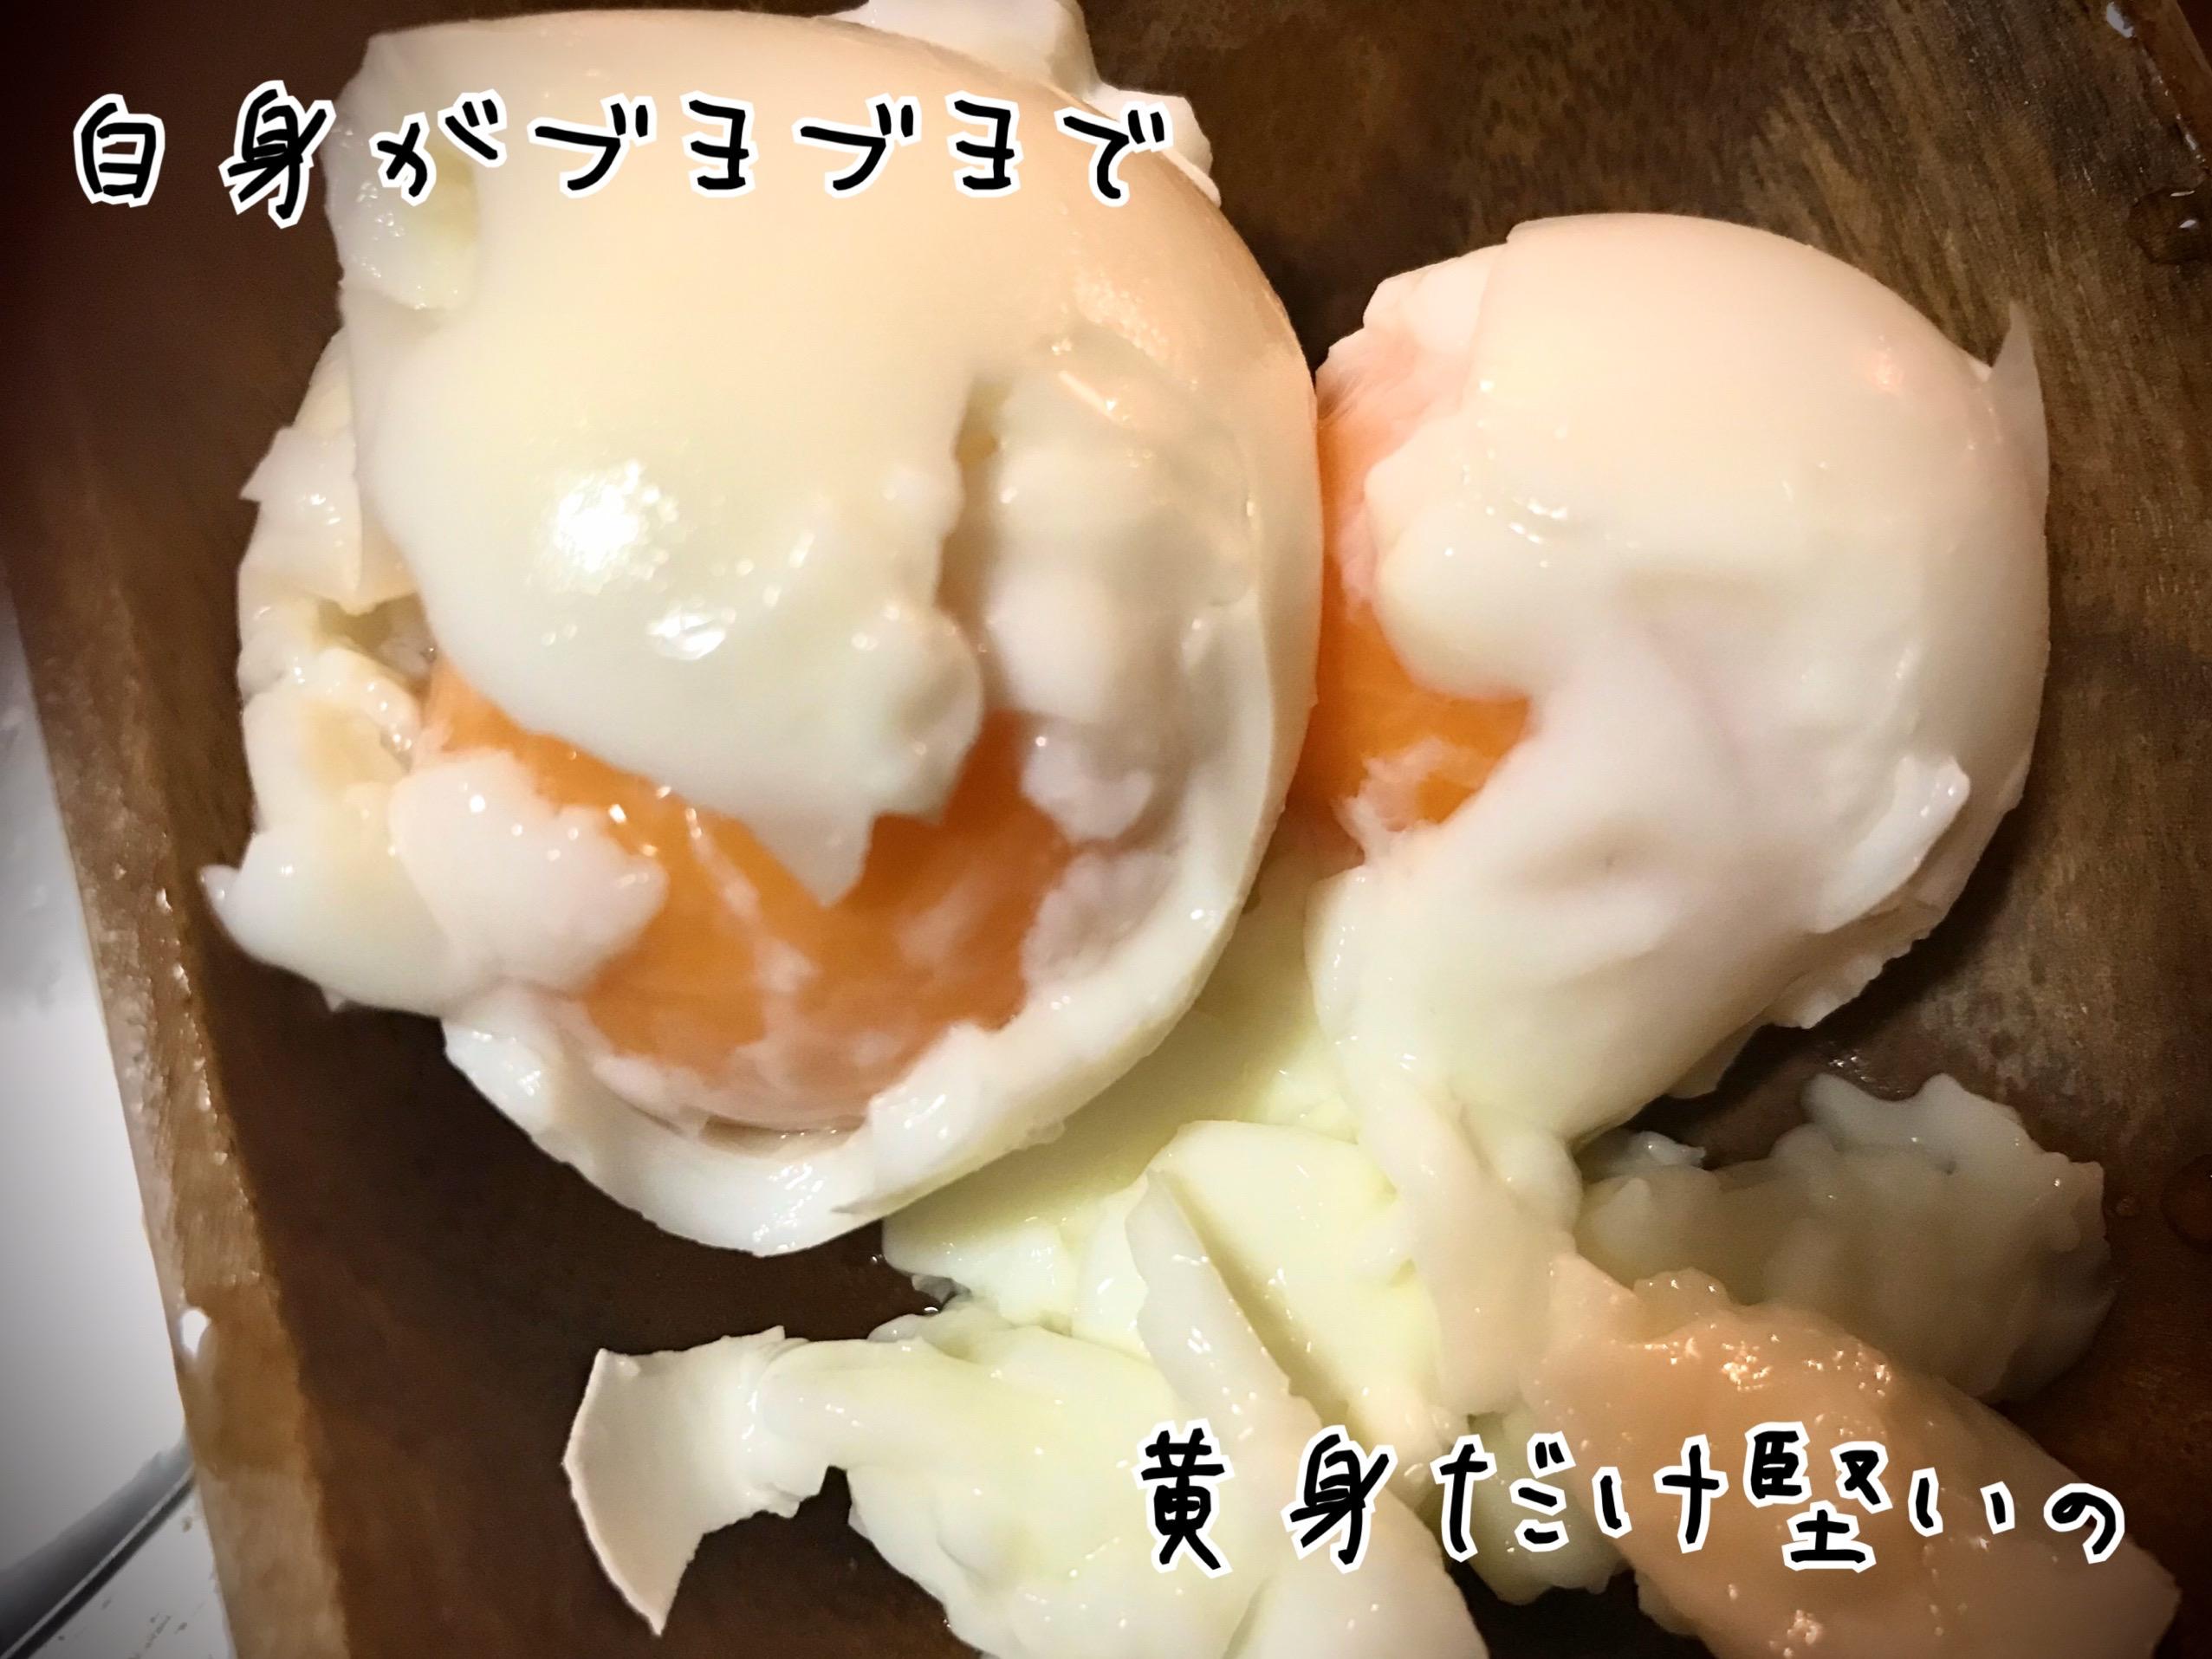 失敗したゆで卵